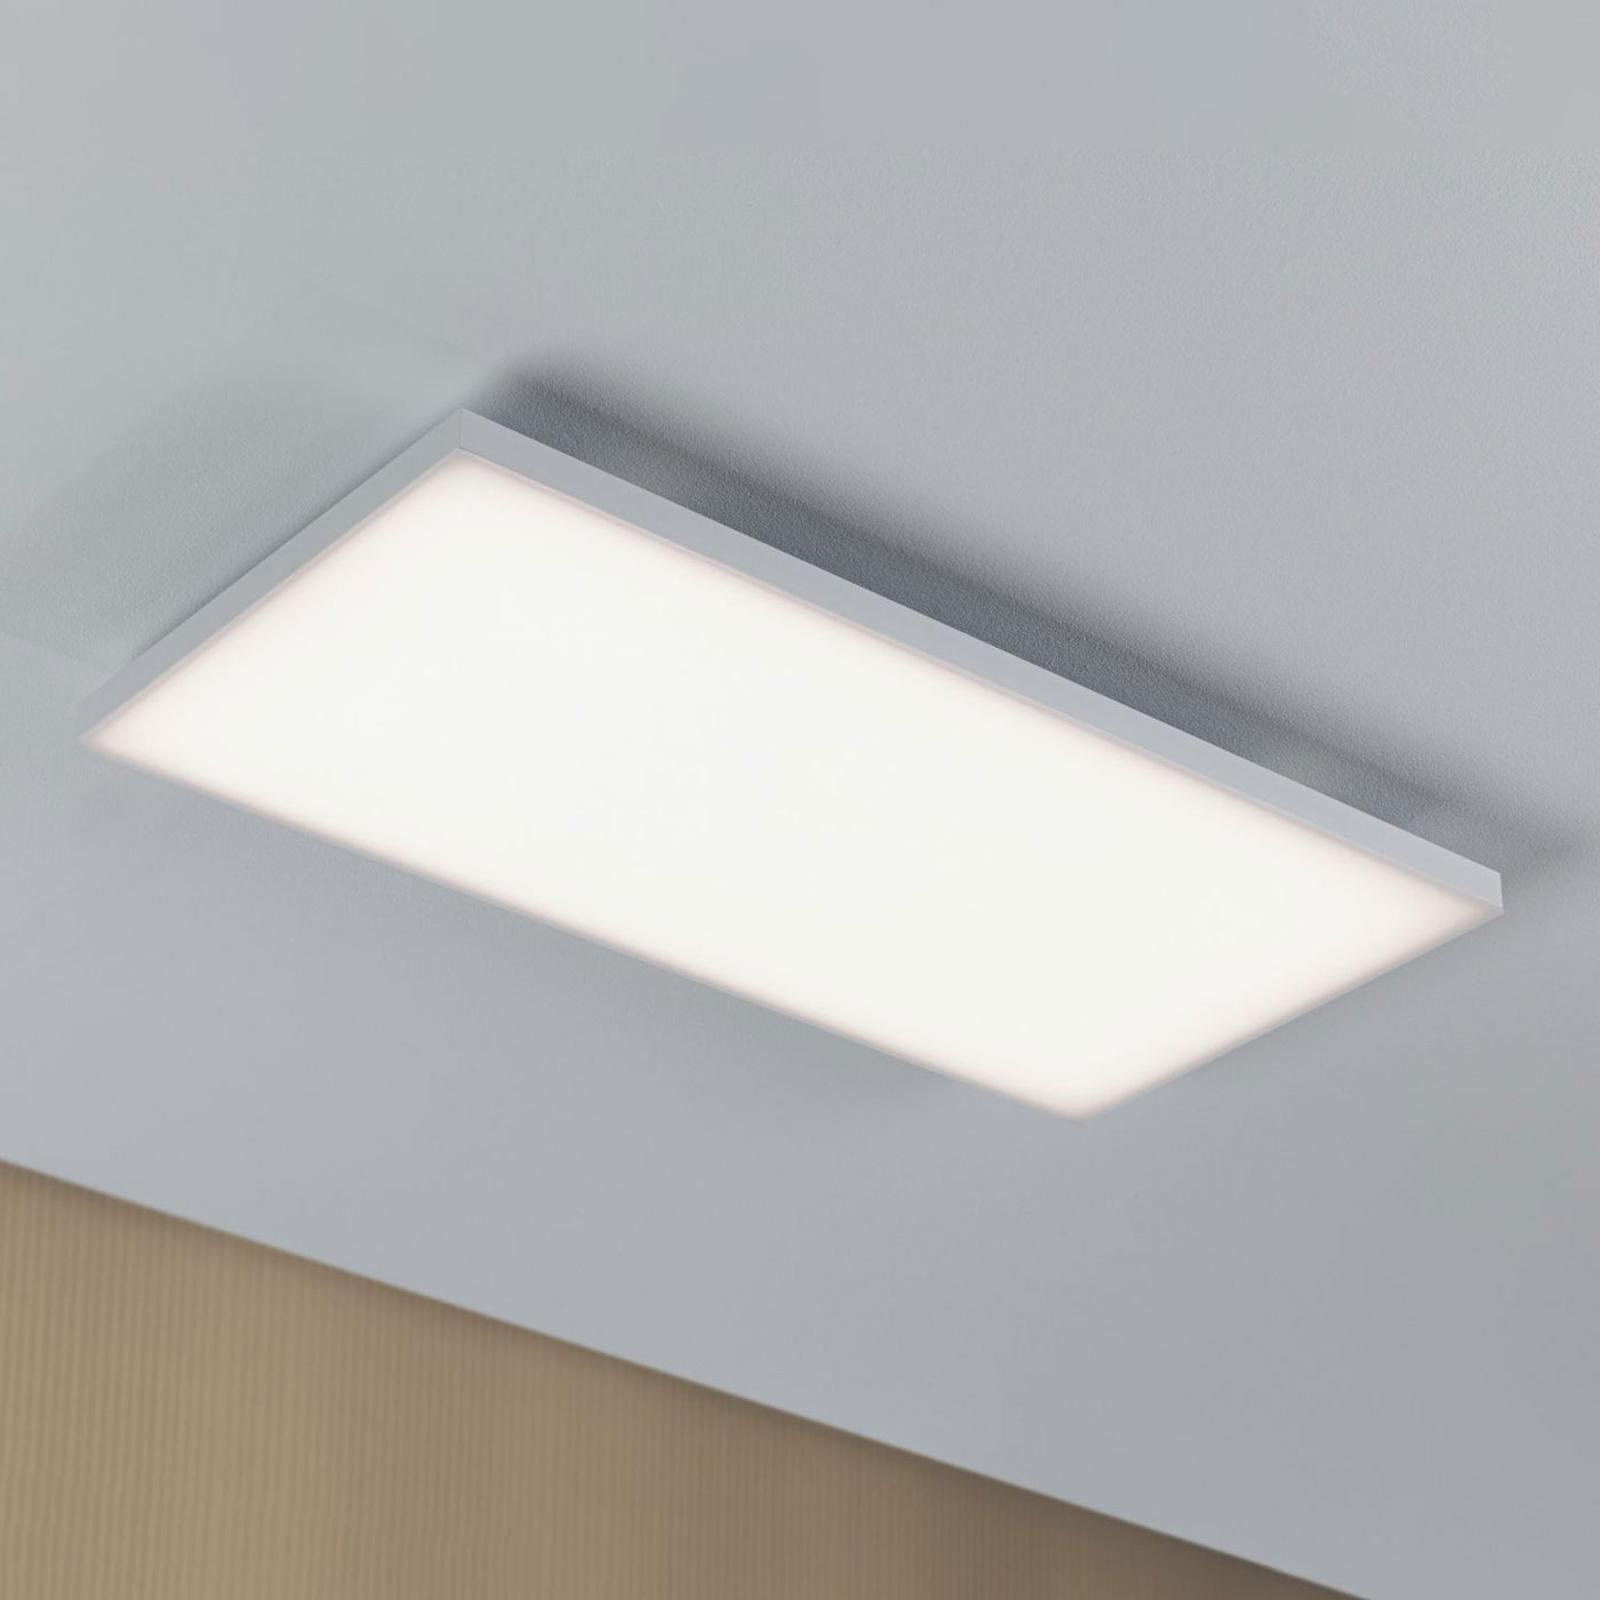 Paulmann Velora plafonnier LED 59,5 x 29,5cm